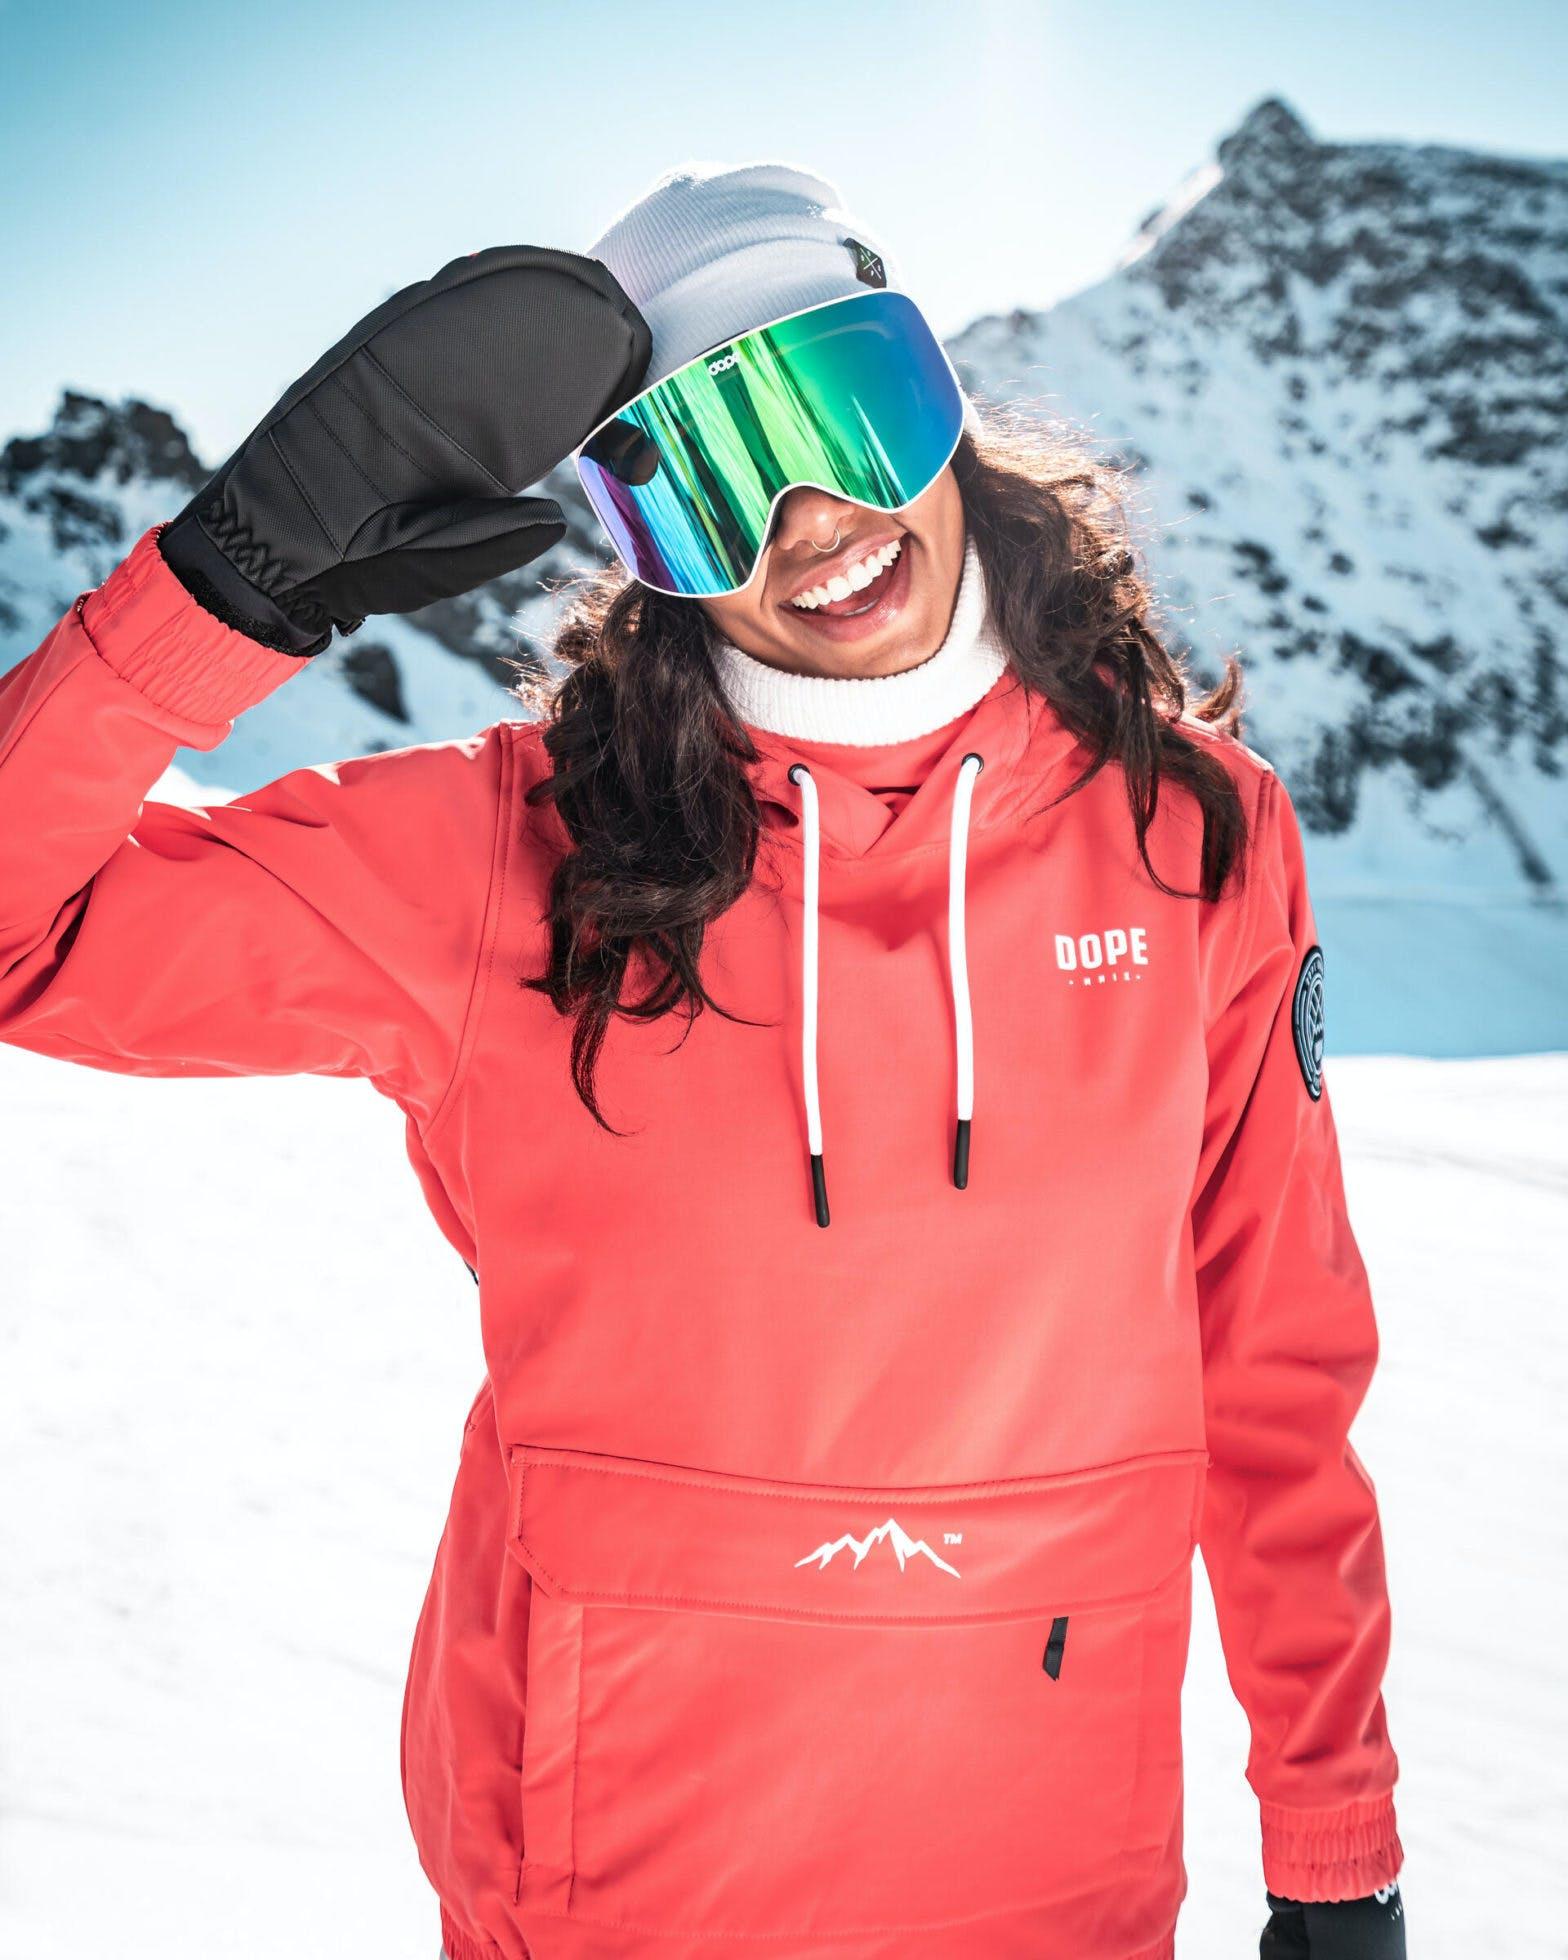 De bästa kläderna för skidåkning på våren - Ridestore Magazine